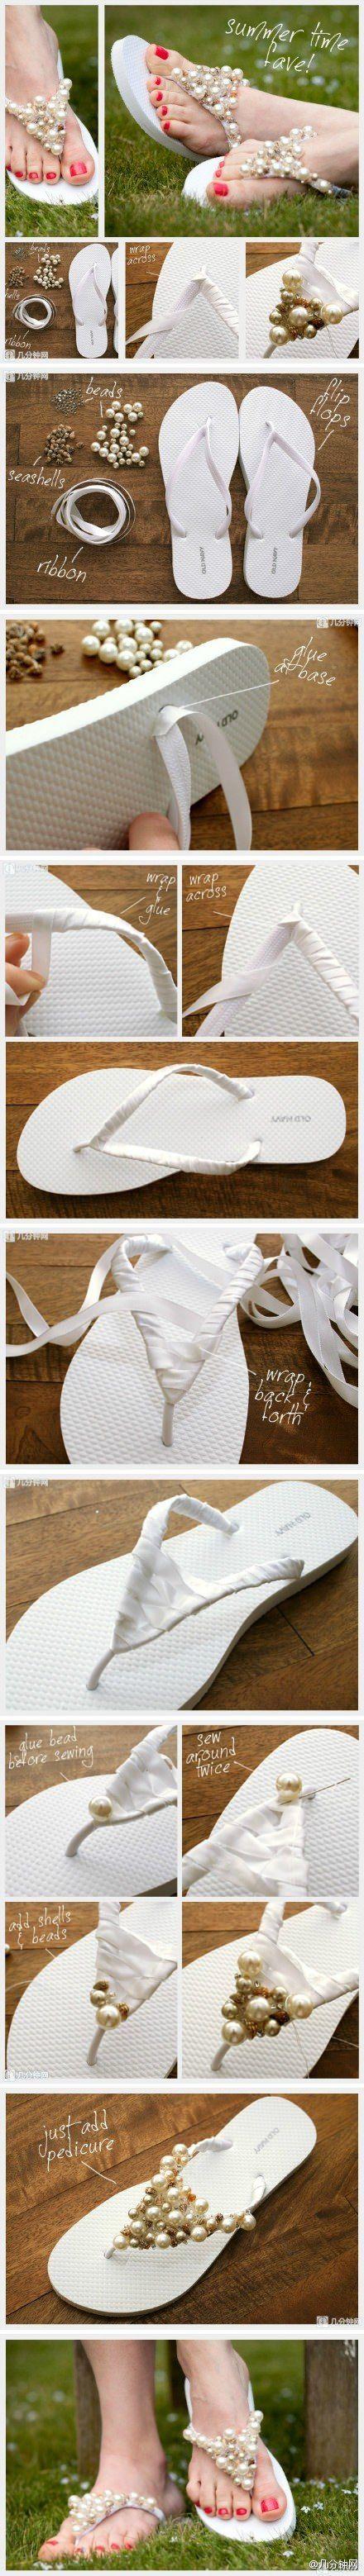 DIY Flip Flops verschönern Upcycling  - schoenstricken.de